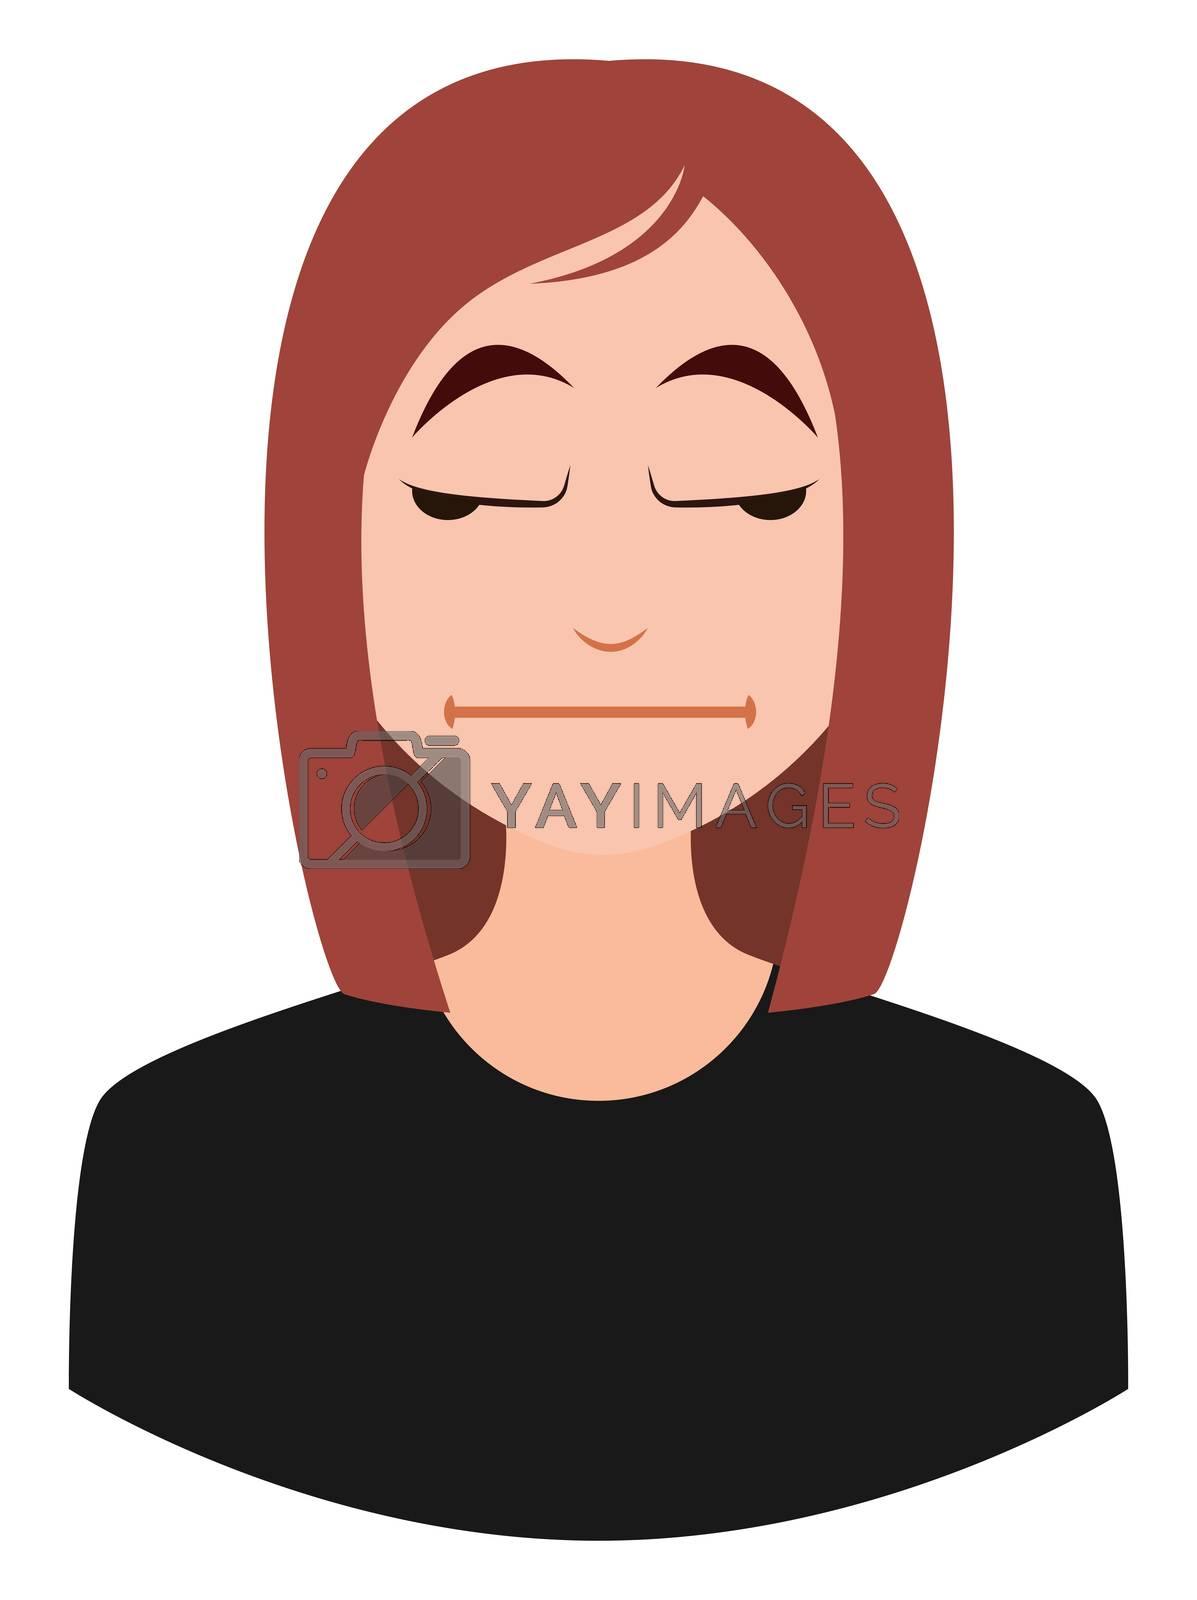 Bored girl emoji, illustration, vector on white background